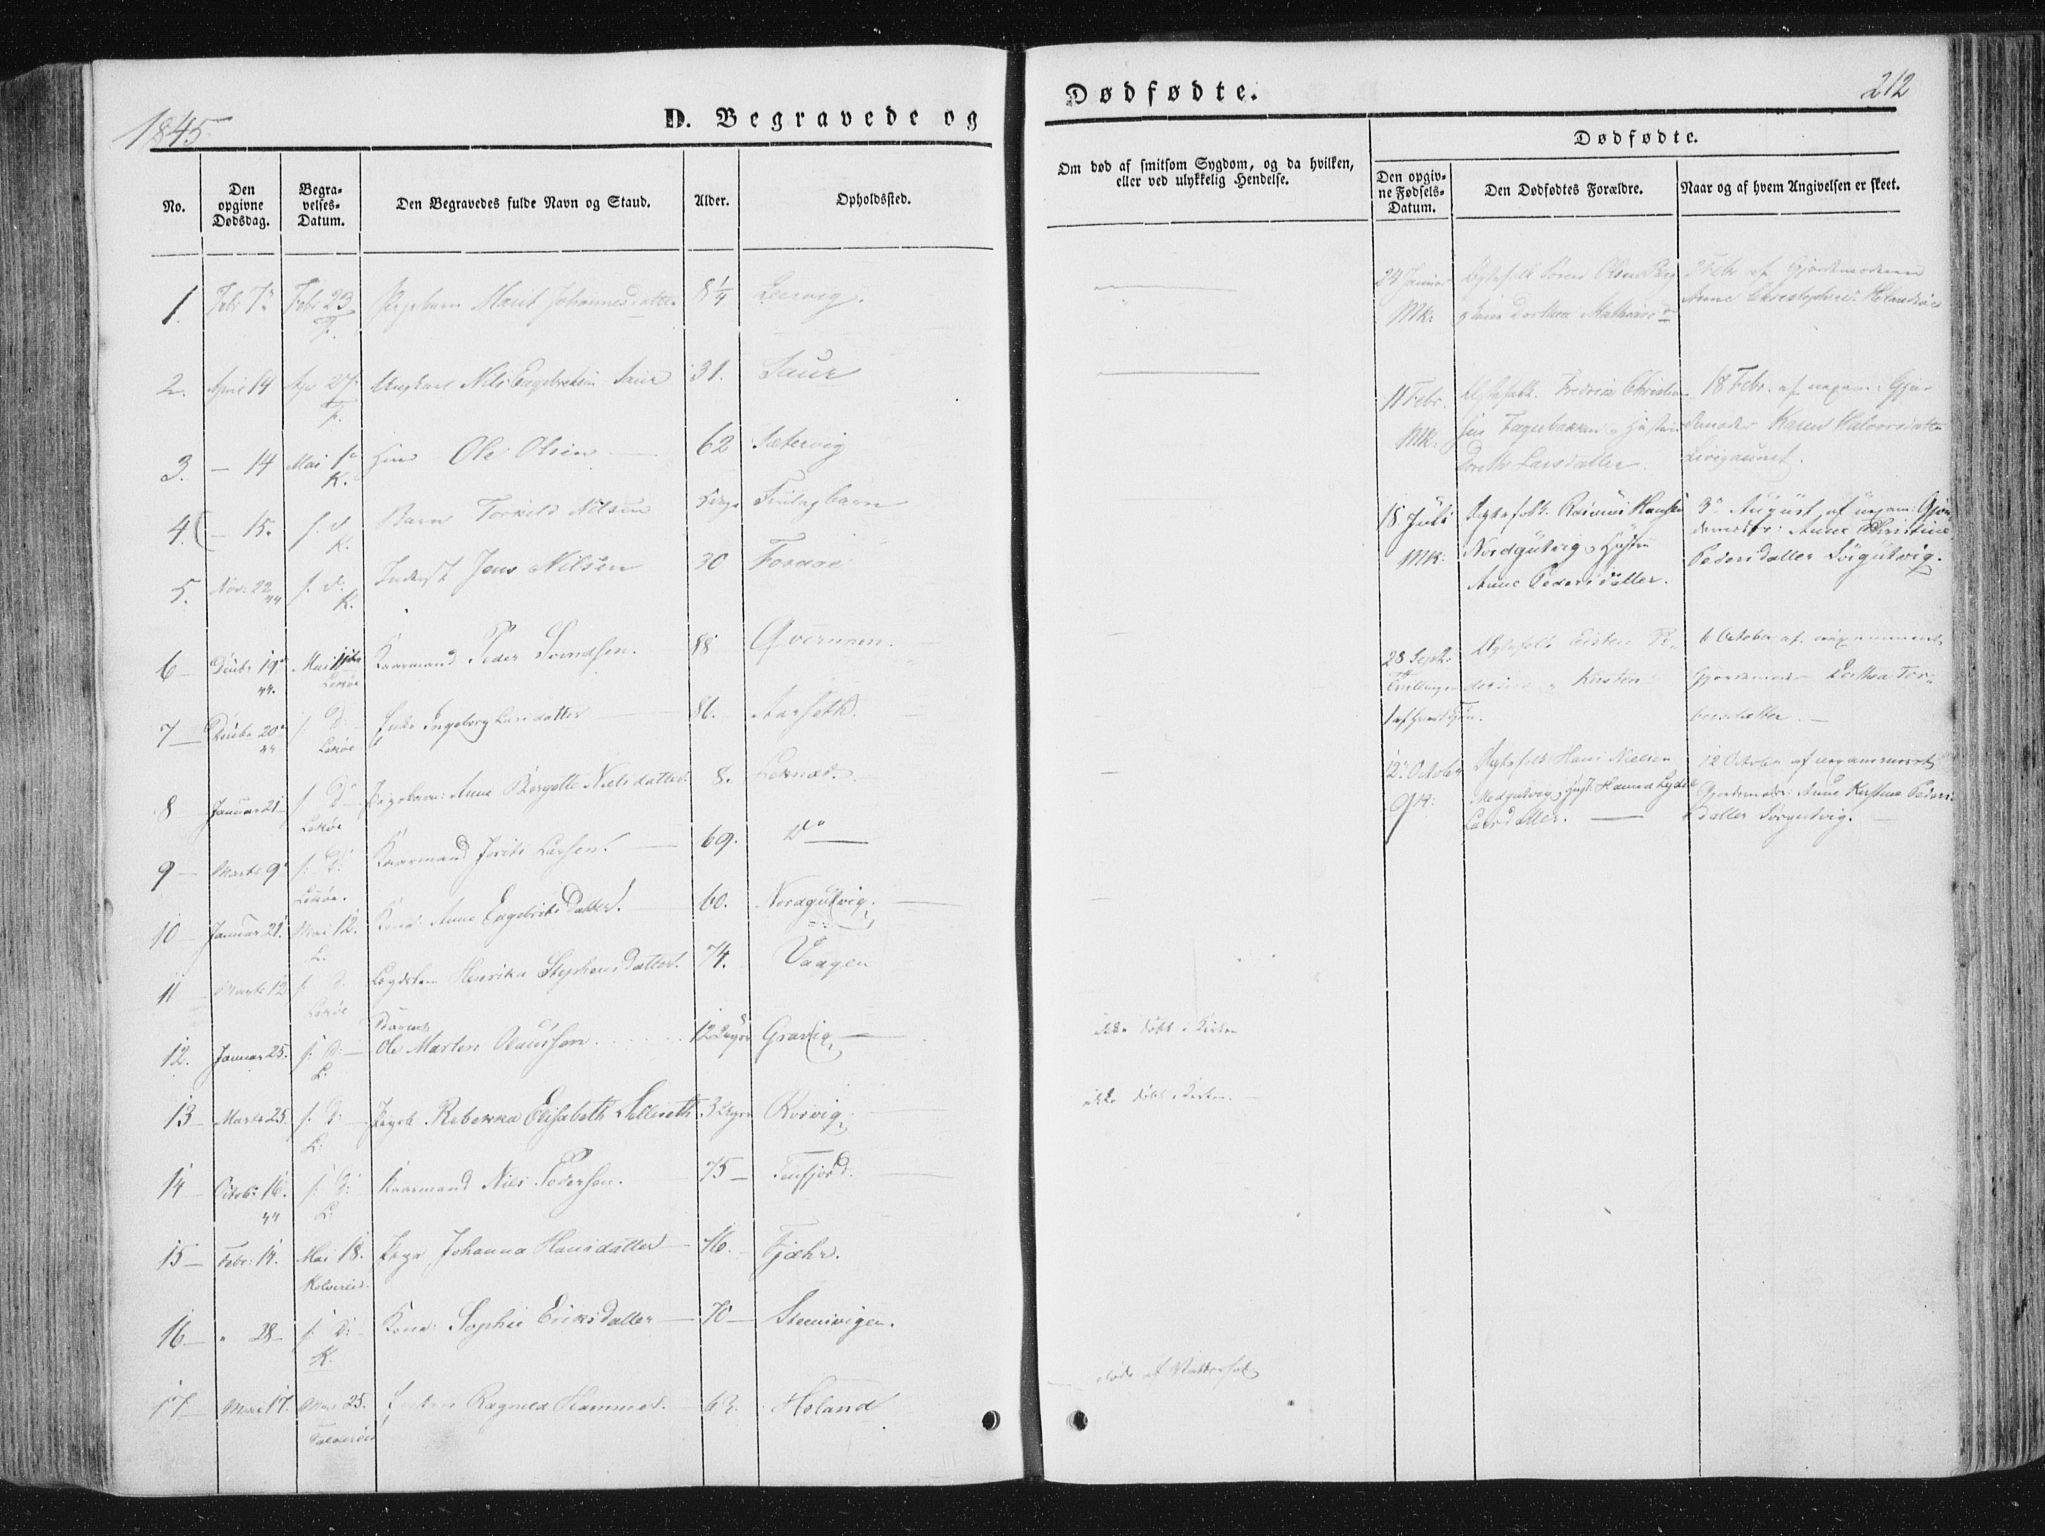 SAT, Ministerialprotokoller, klokkerbøker og fødselsregistre - Nord-Trøndelag, 780/L0640: Ministerialbok nr. 780A05, 1845-1856, s. 212